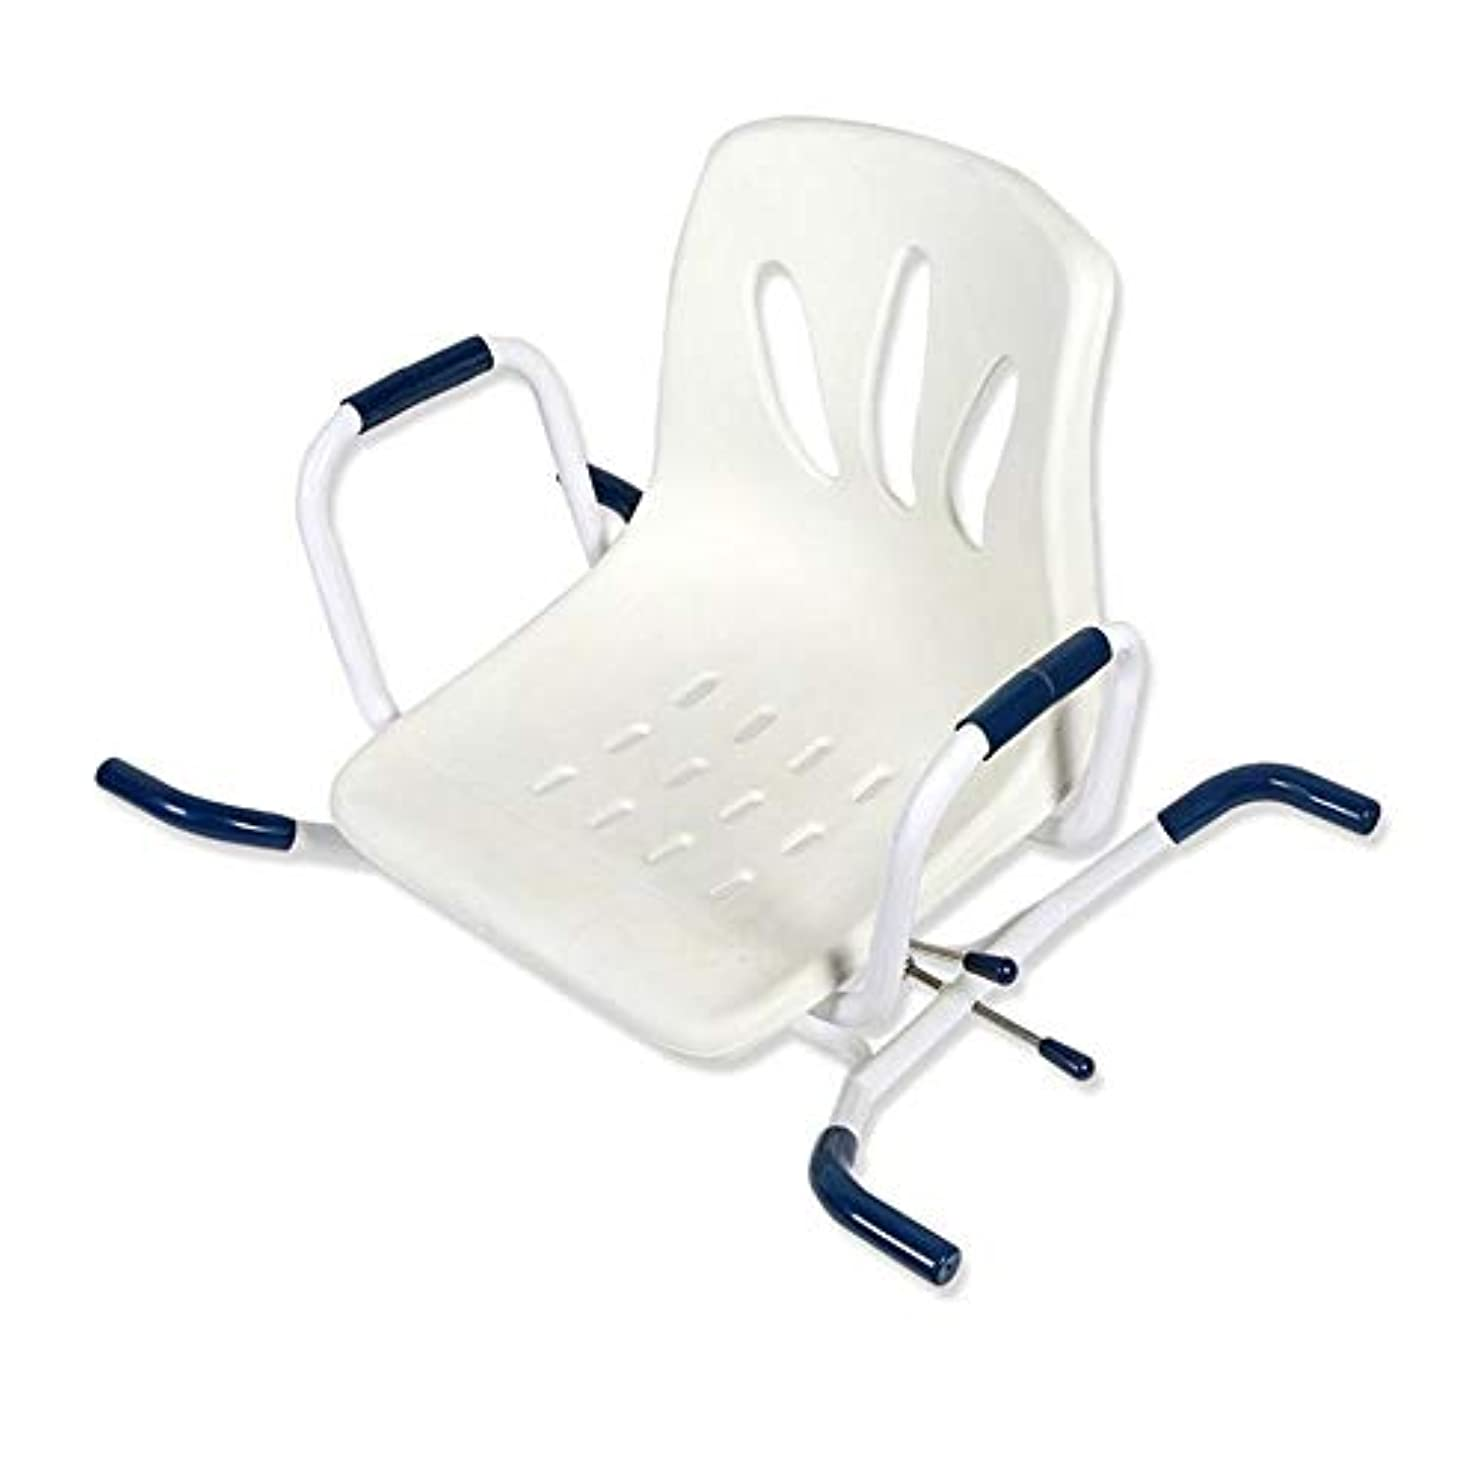 手数料プリーツジャンプするバスボードの座席を横切った吊り下げ式バスベンチ調節可能なスイベルバスター(背もたれ付き)